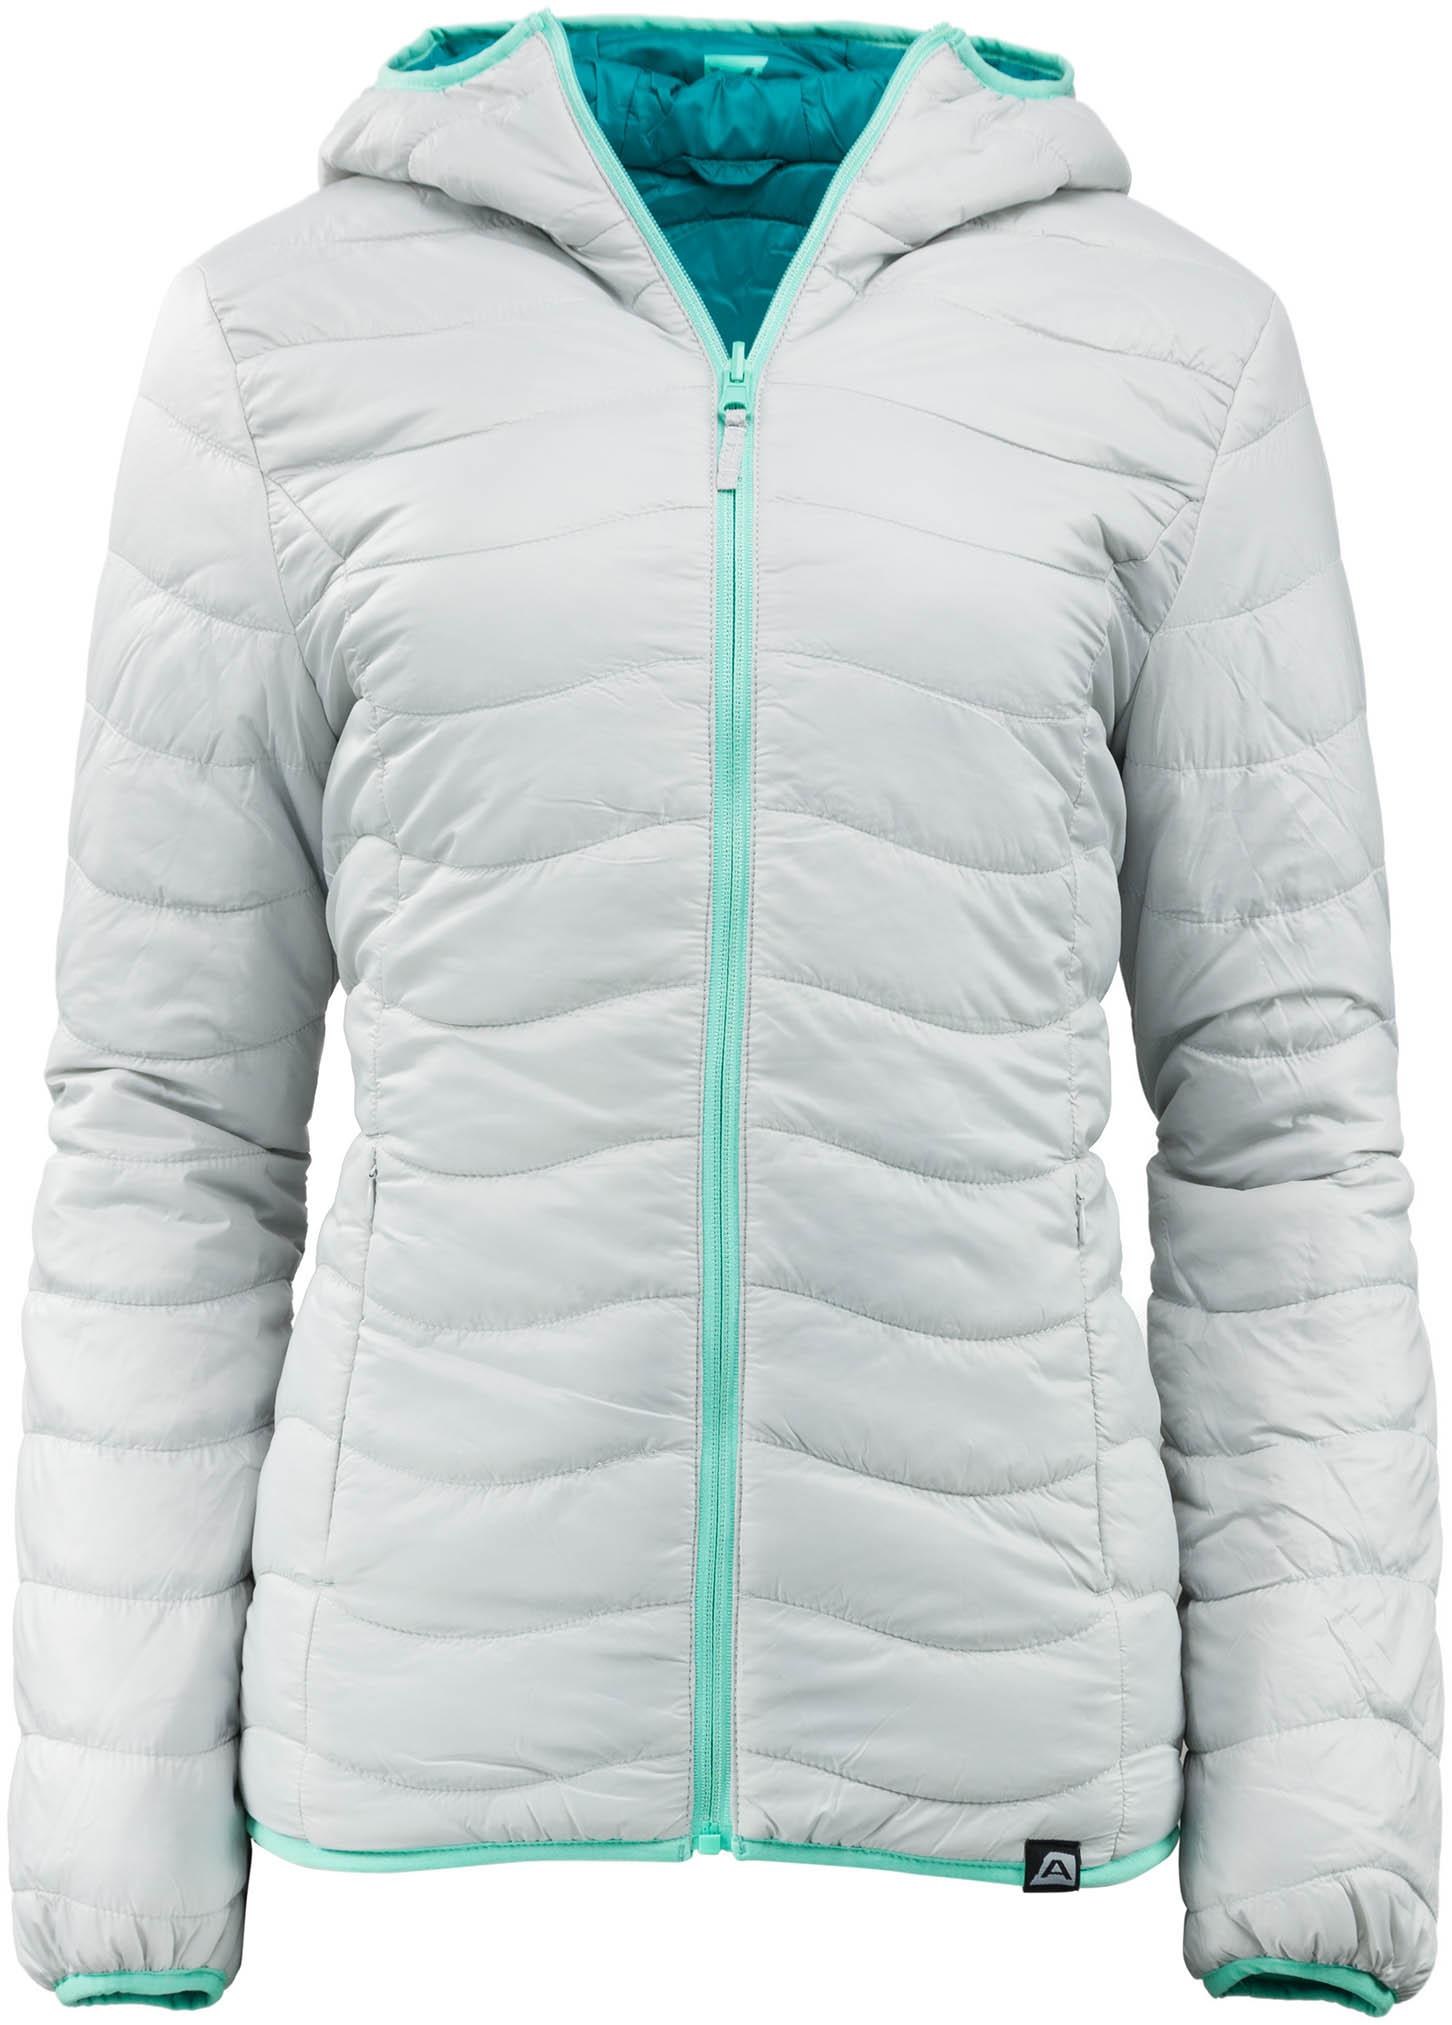 1a67a7445ccc8 Oblečení : Dámská zimní bunda Alpine Pro Cesca